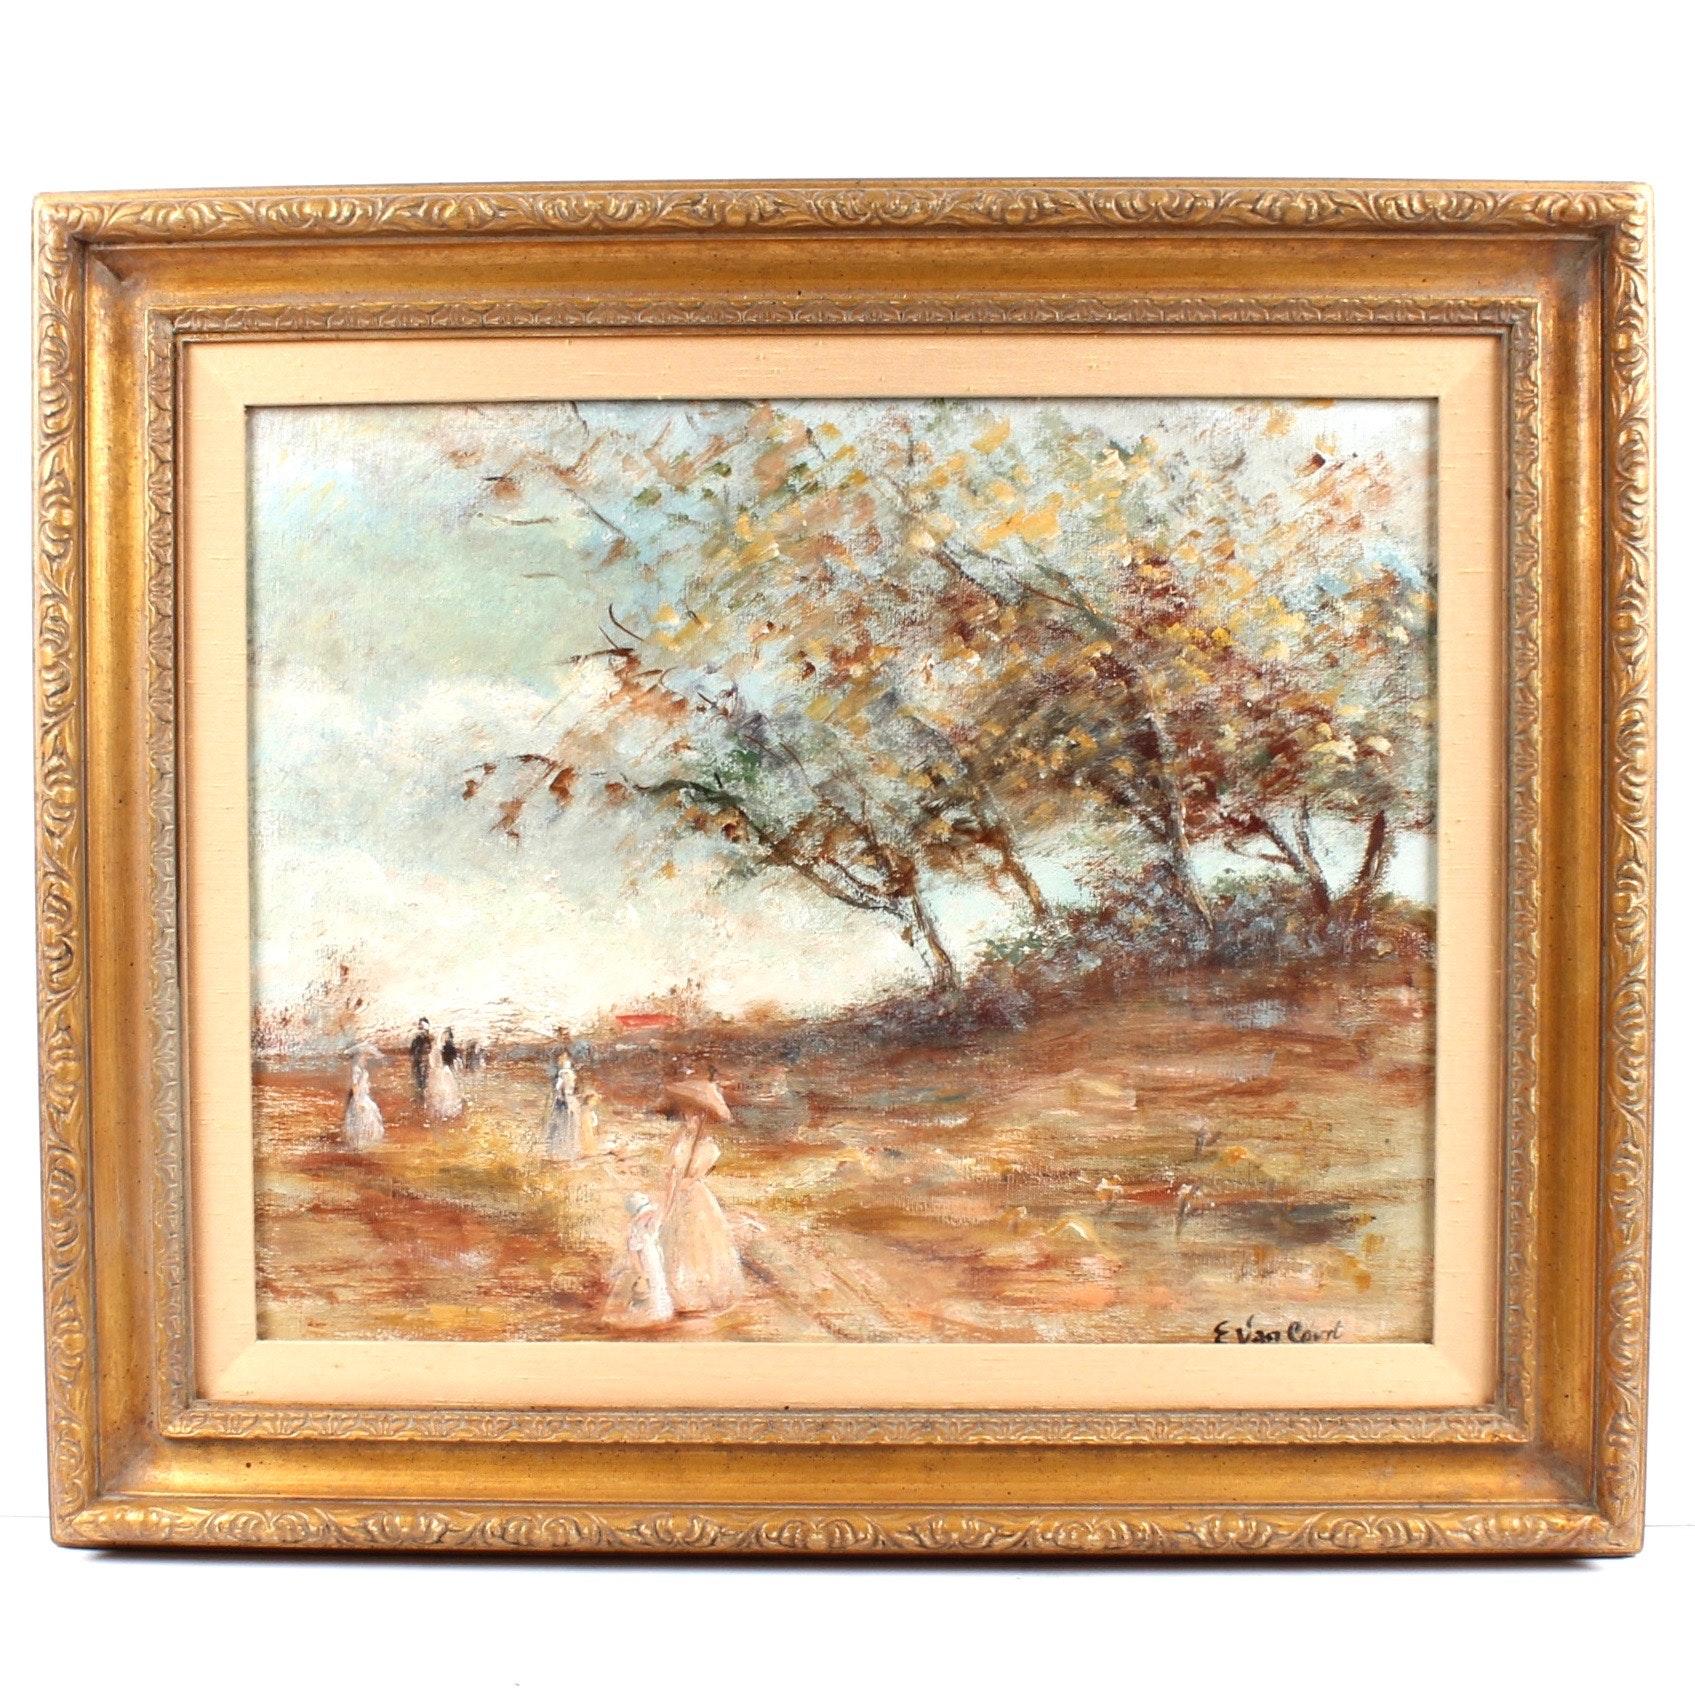 Elizabeth Van Court Oil Landscape Painting on Canvas